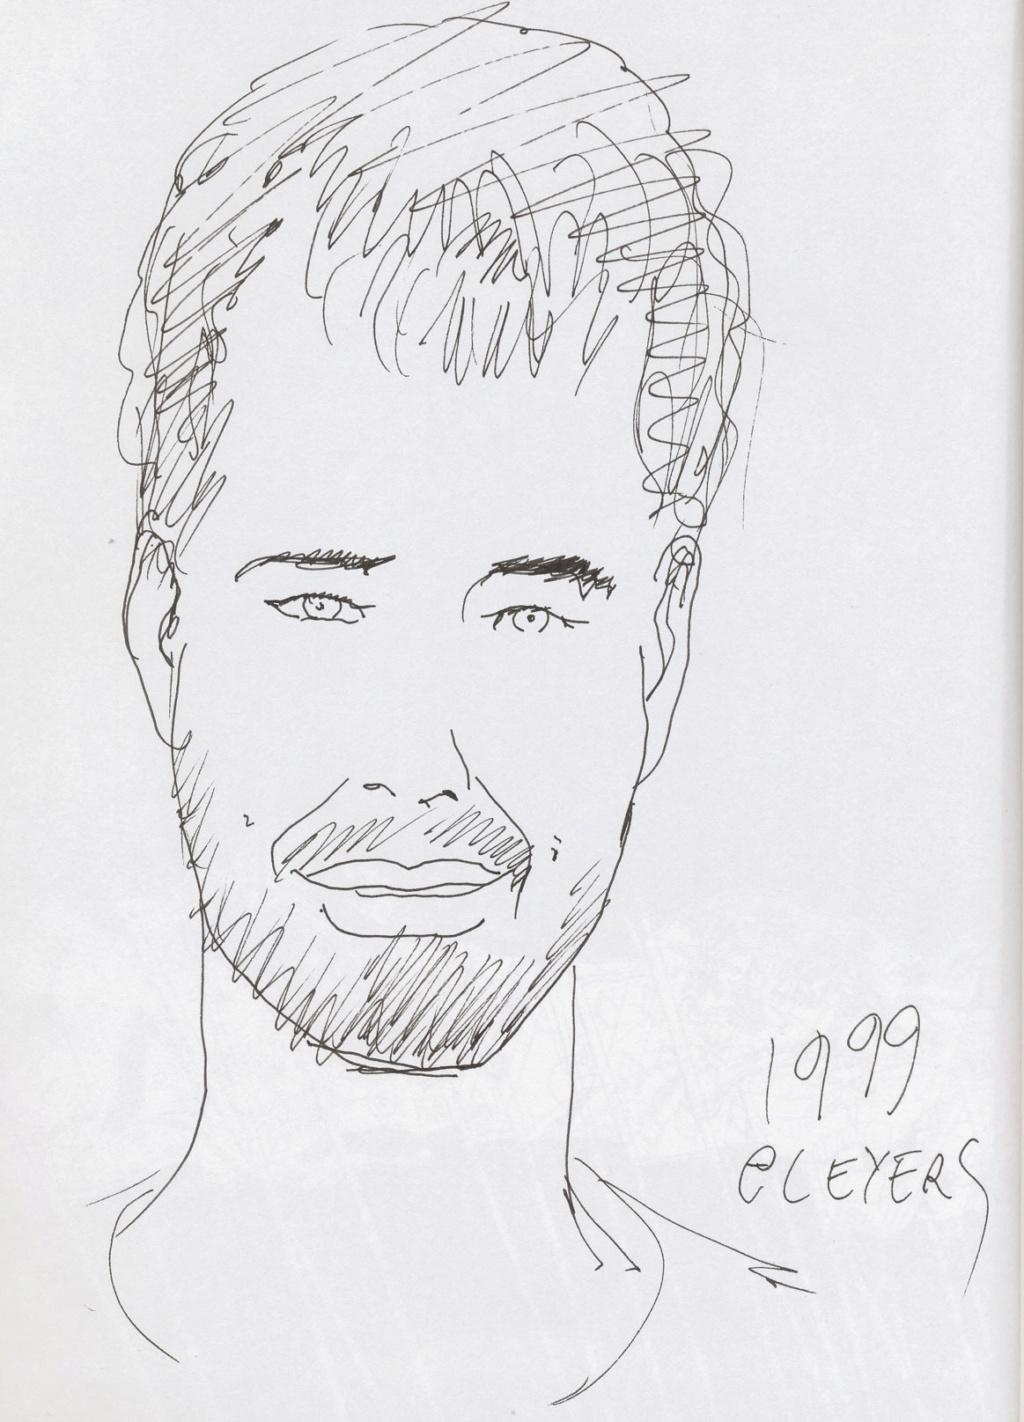 Dédicaces de Jhen Pleyer10